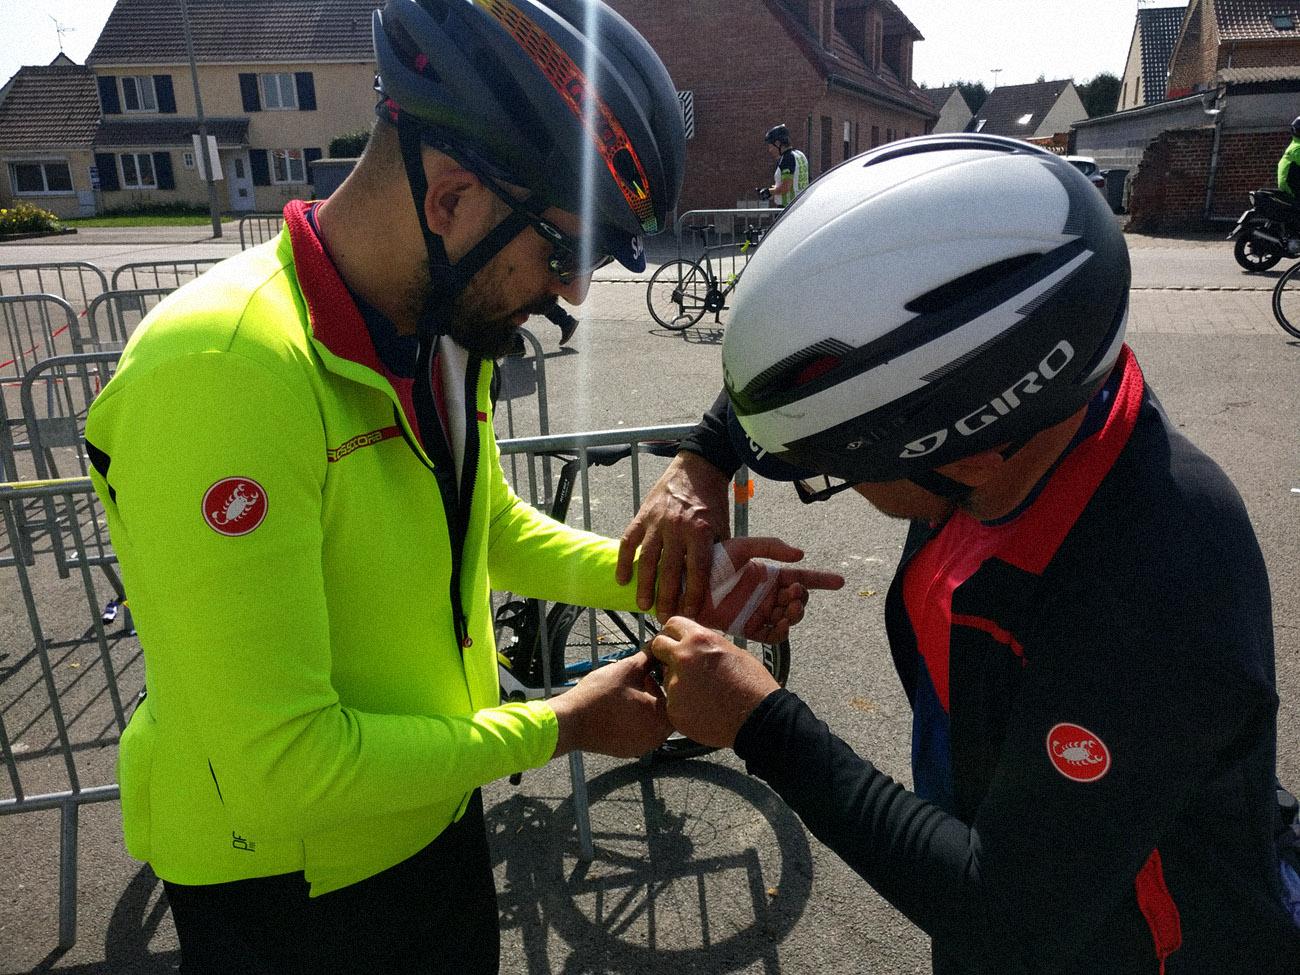 Medicazione alla Roubaix - Cicloidi blog